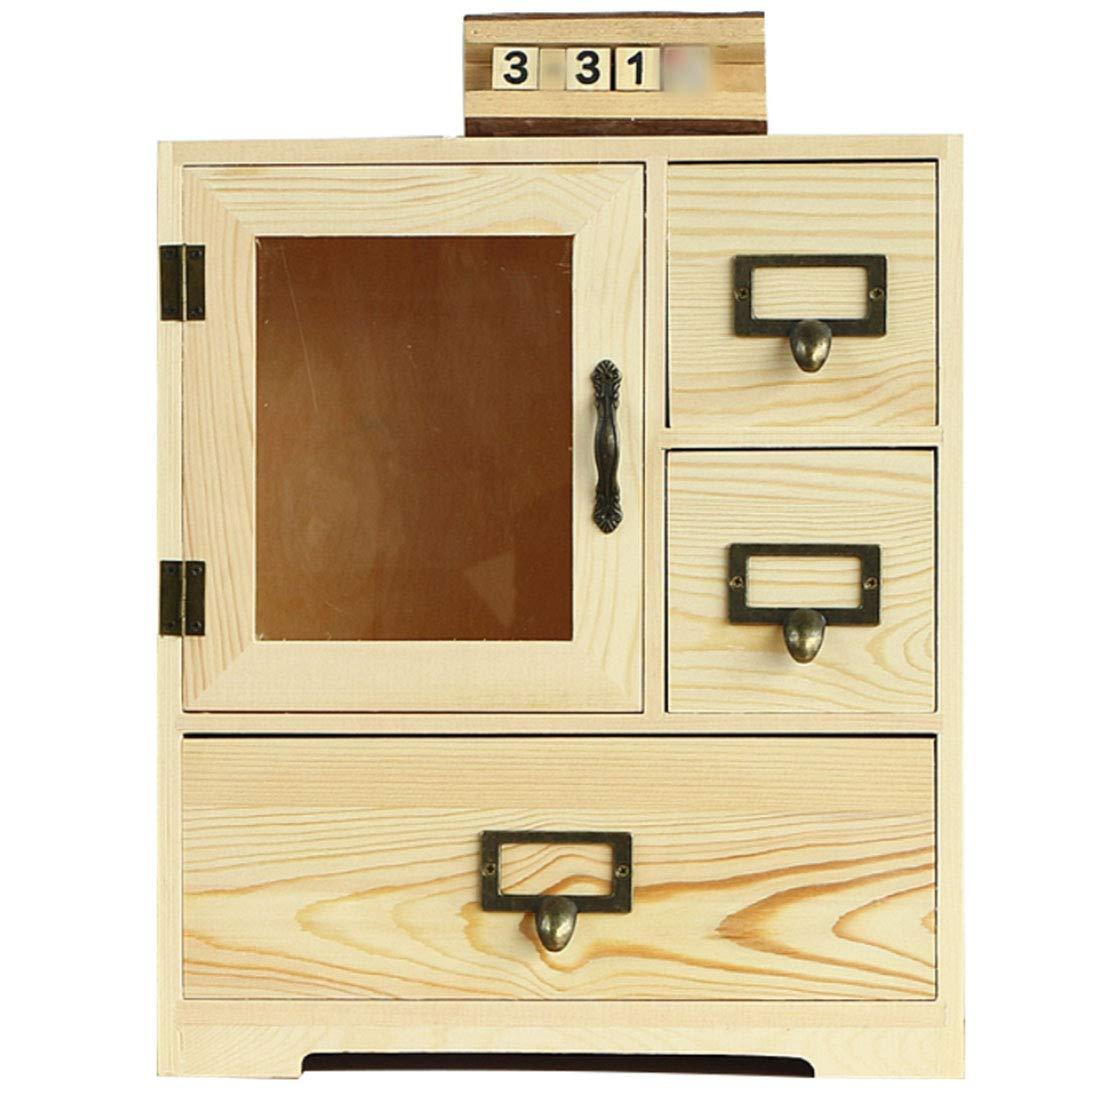 クリエイティブデスクトップ化粧品収納ボックスソリッドウッド収納キャビネット木製デスク引き出し収納ボックスラック (Color : Wooden) B07MFTX2N3 Wooden